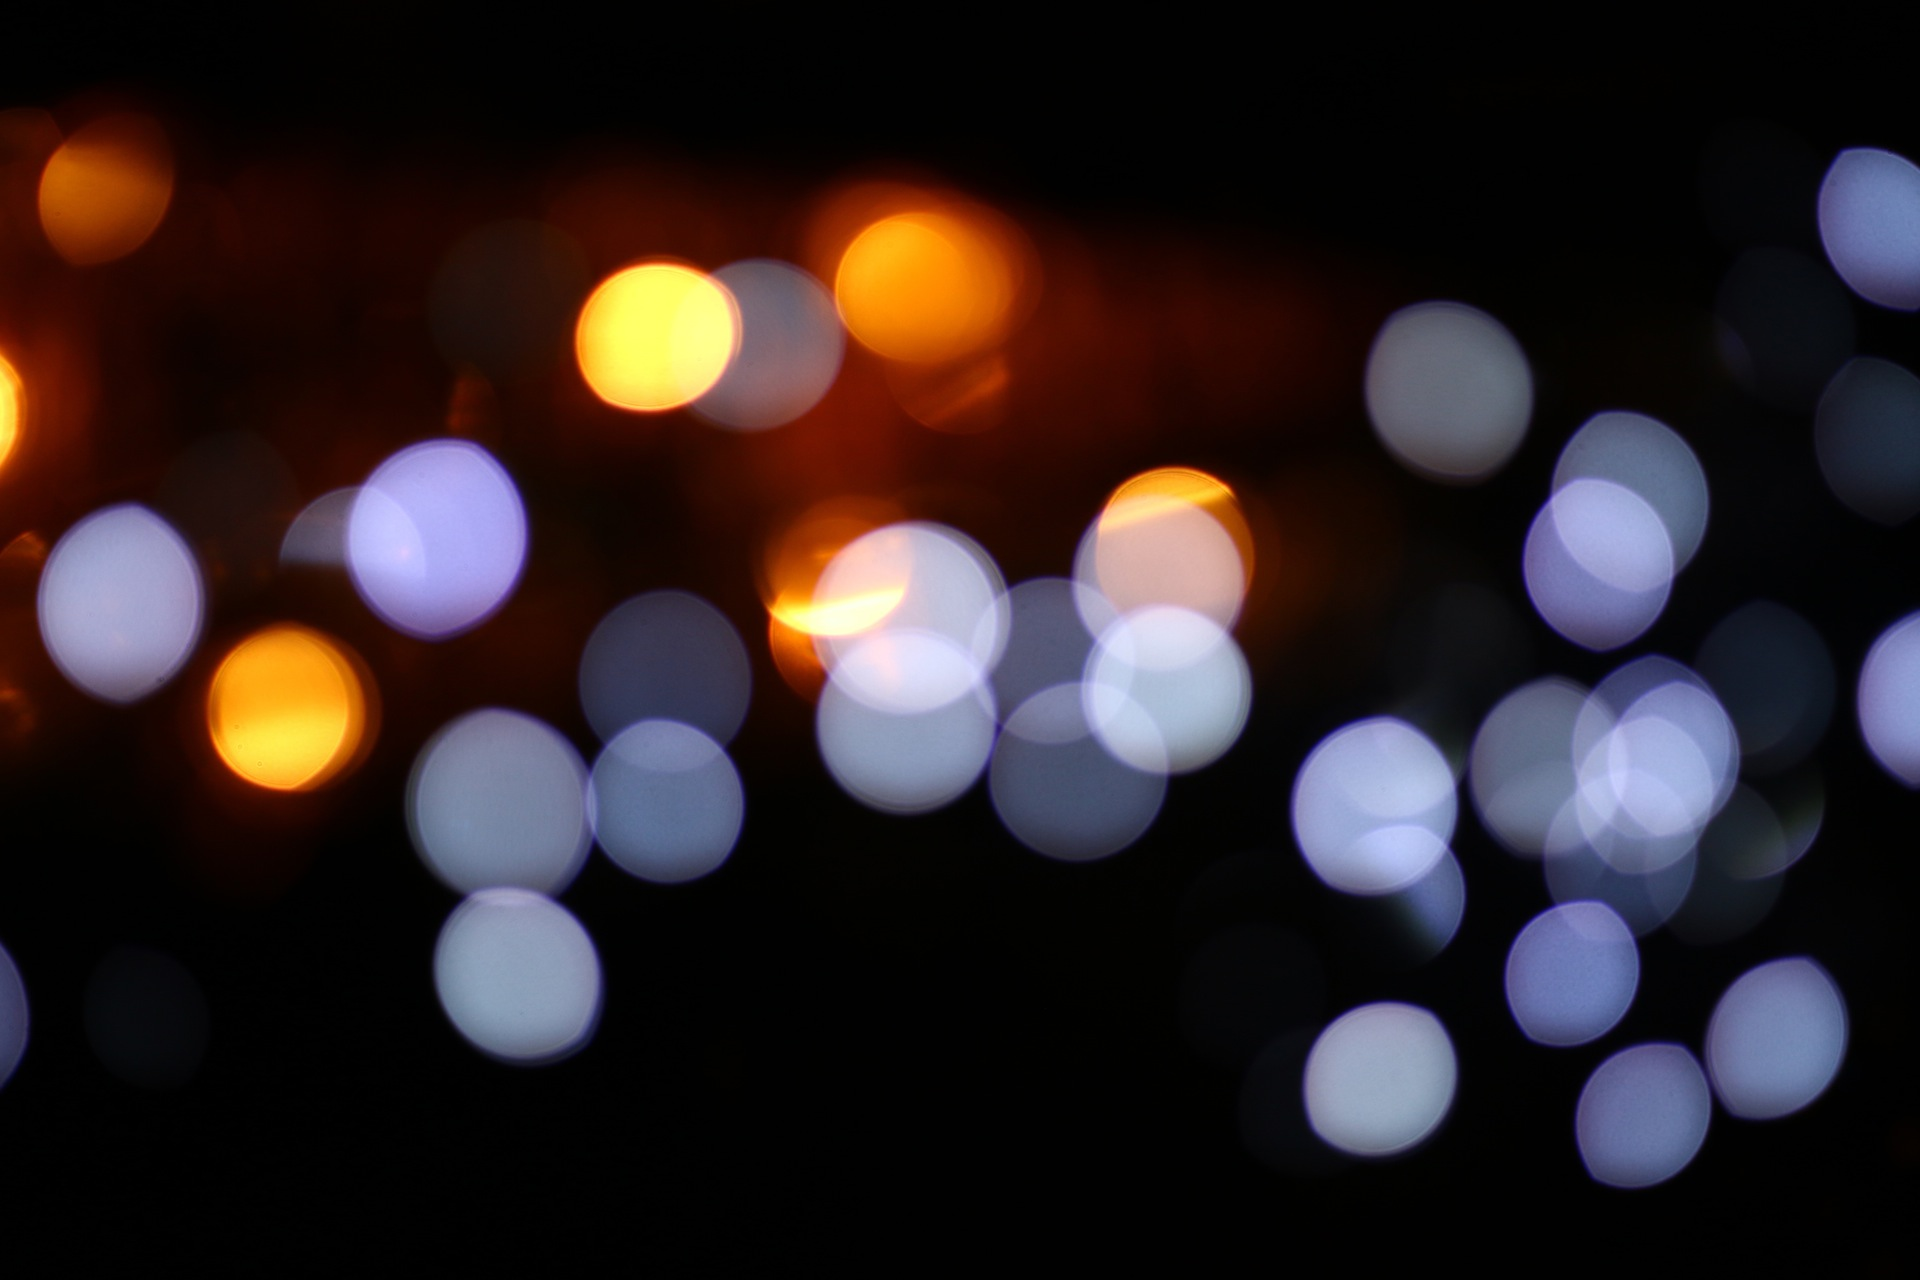 pexels-photo-255464